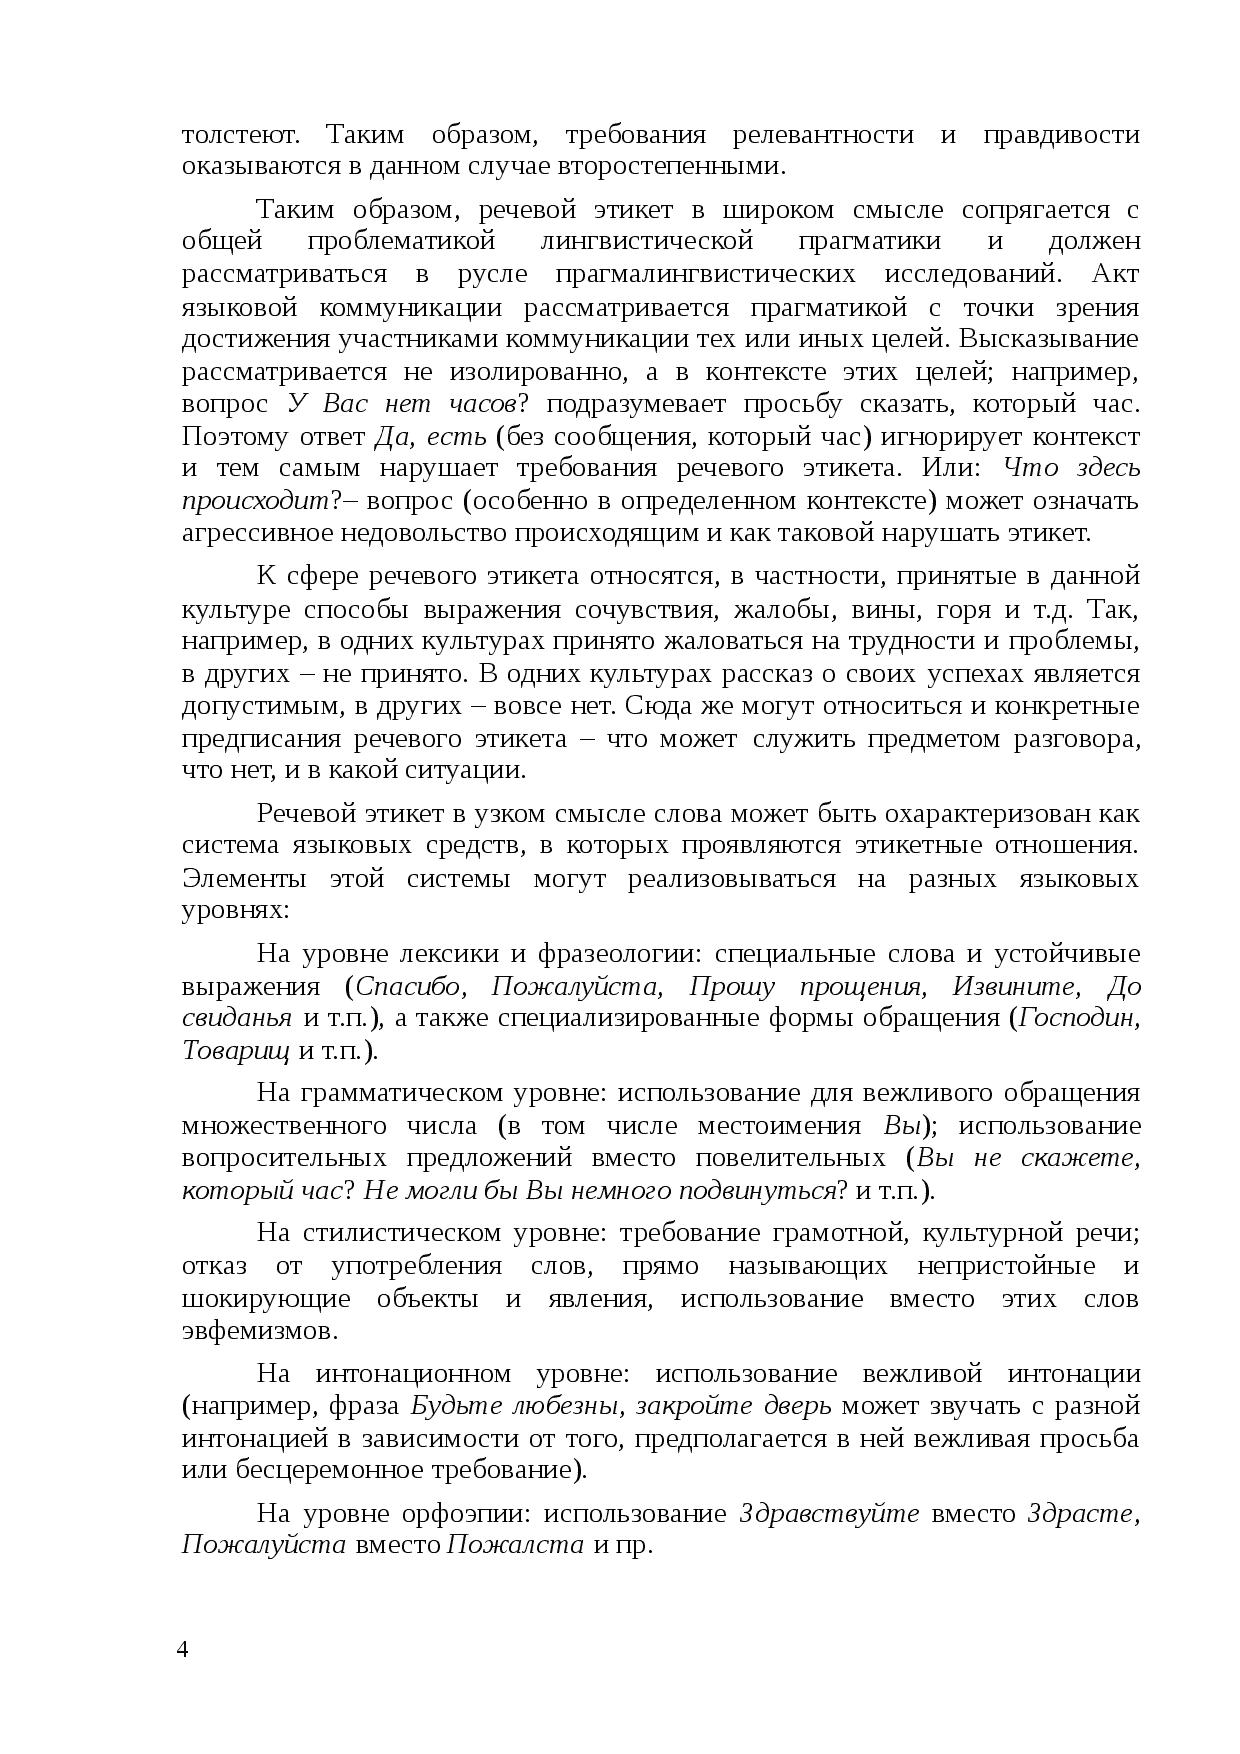 Речевой этикет в современном русском языке | статья в журнале «молодой ученый»